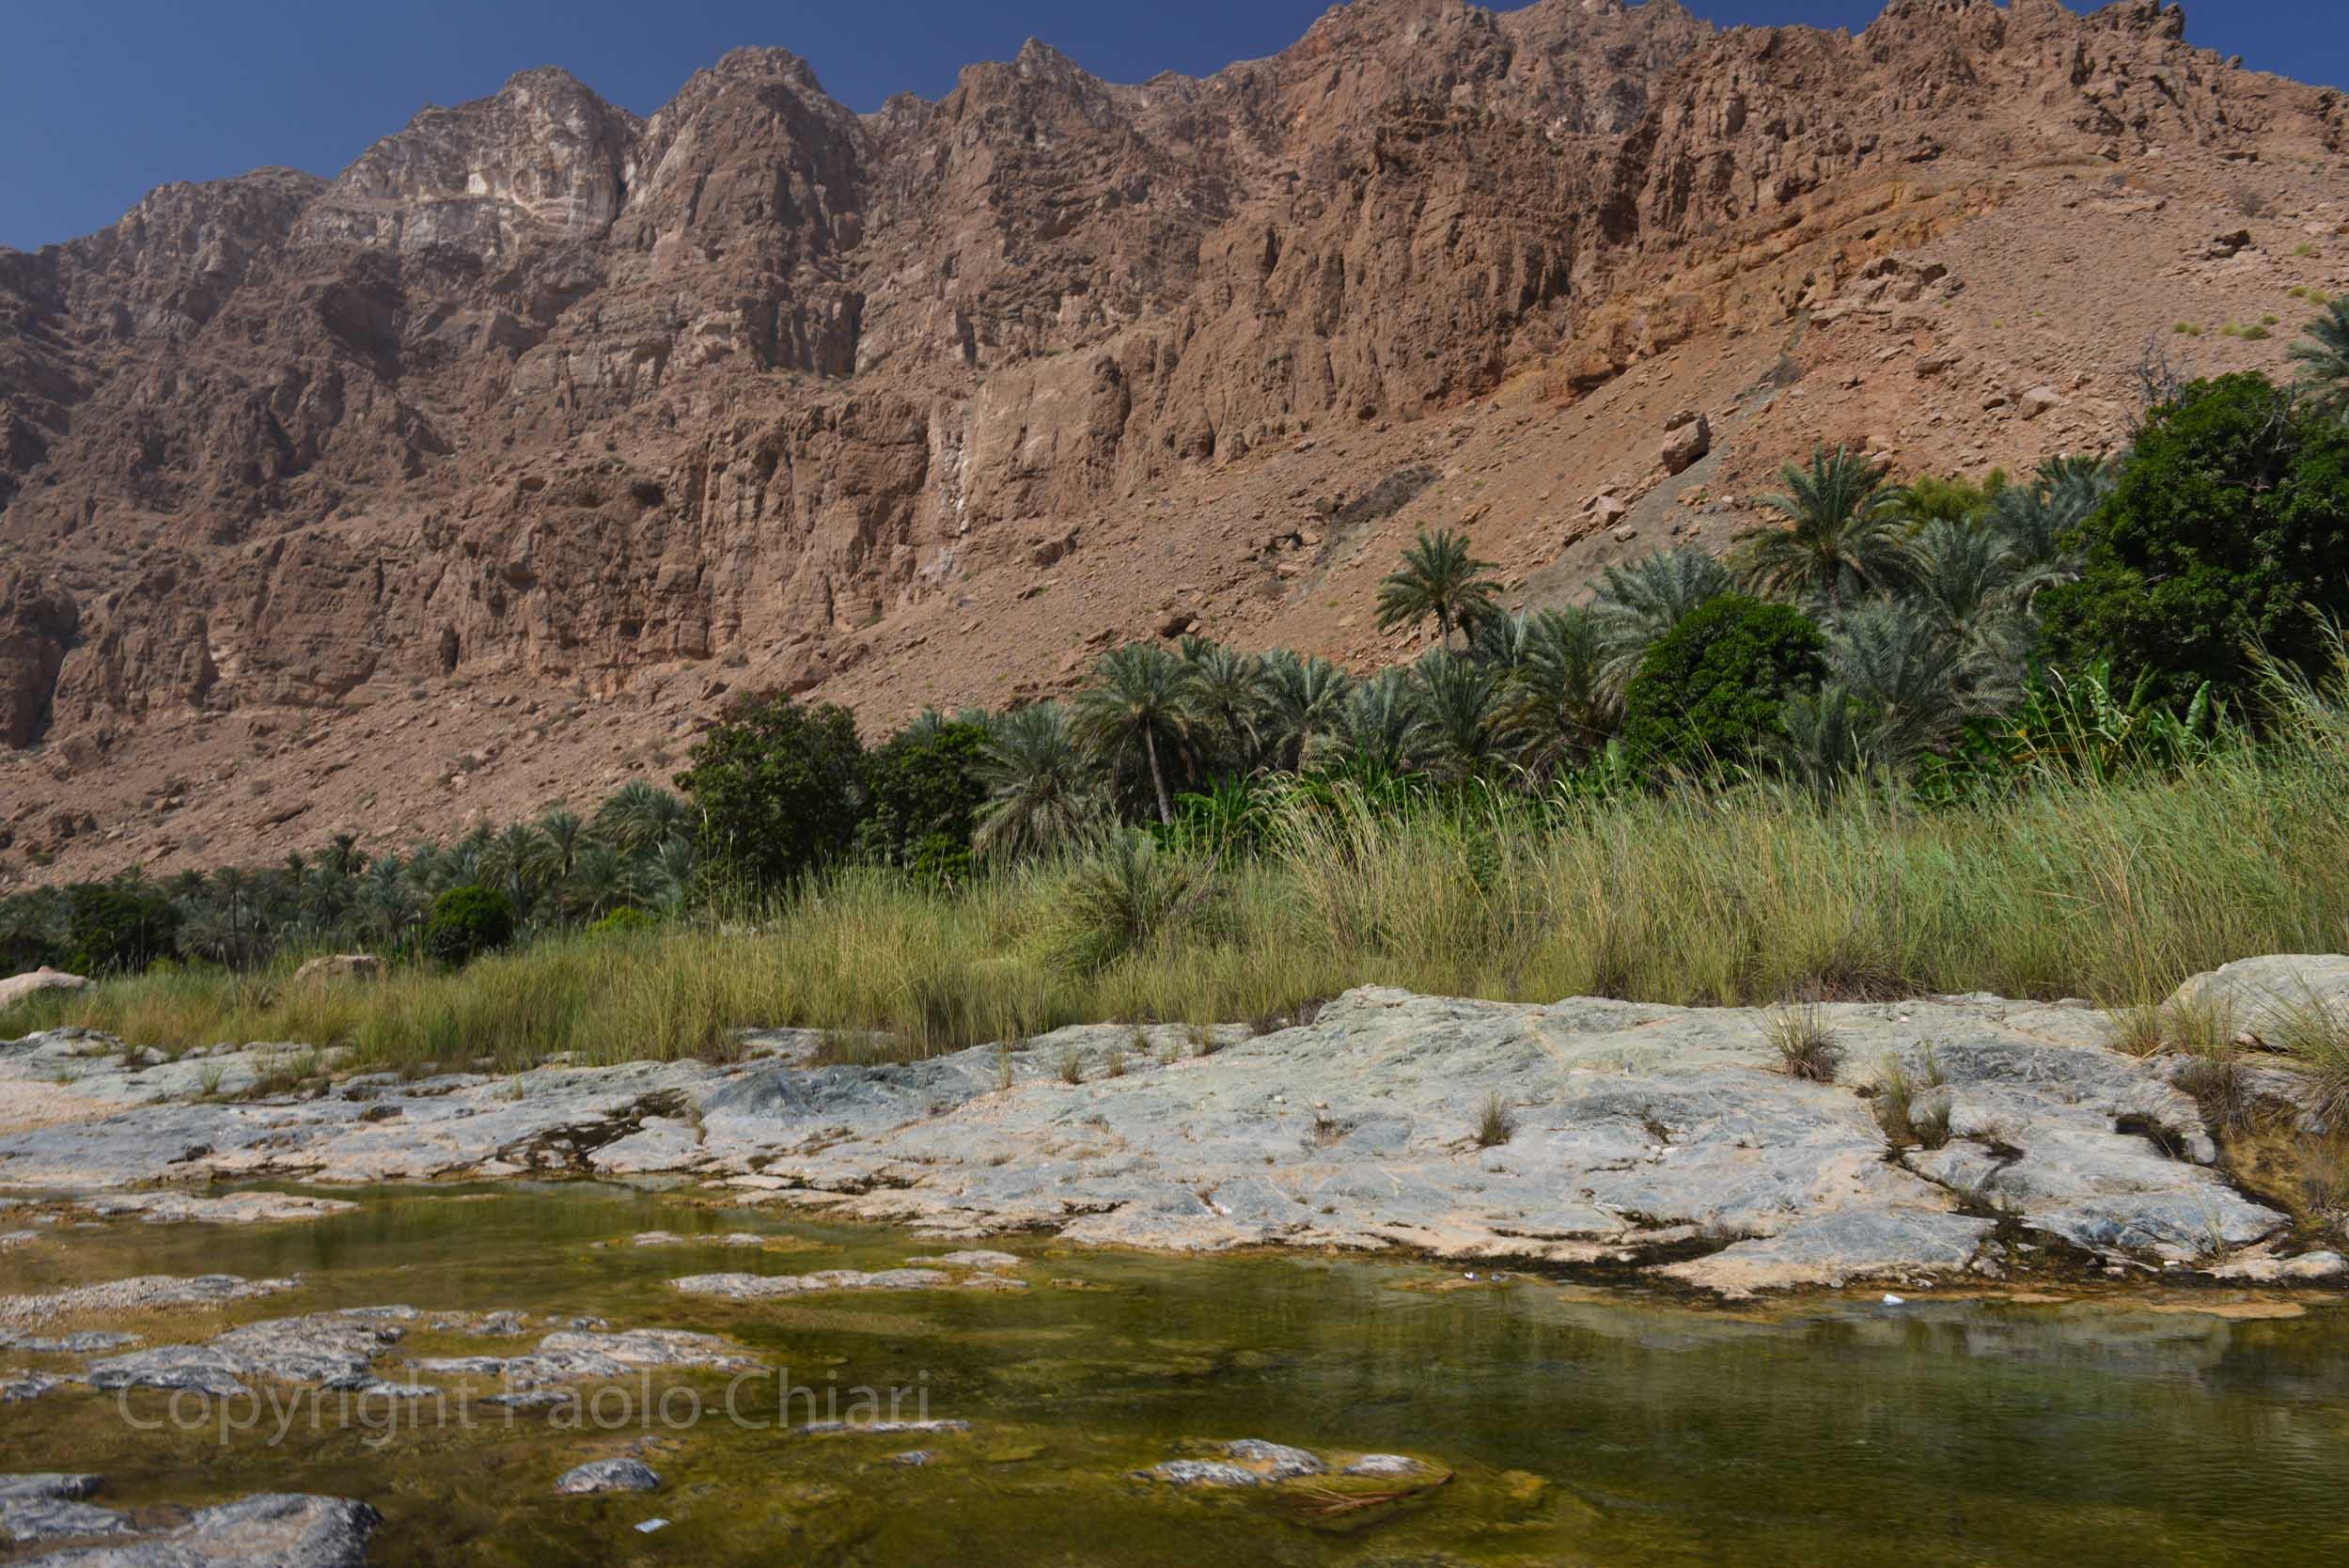 409_Oman13_5206